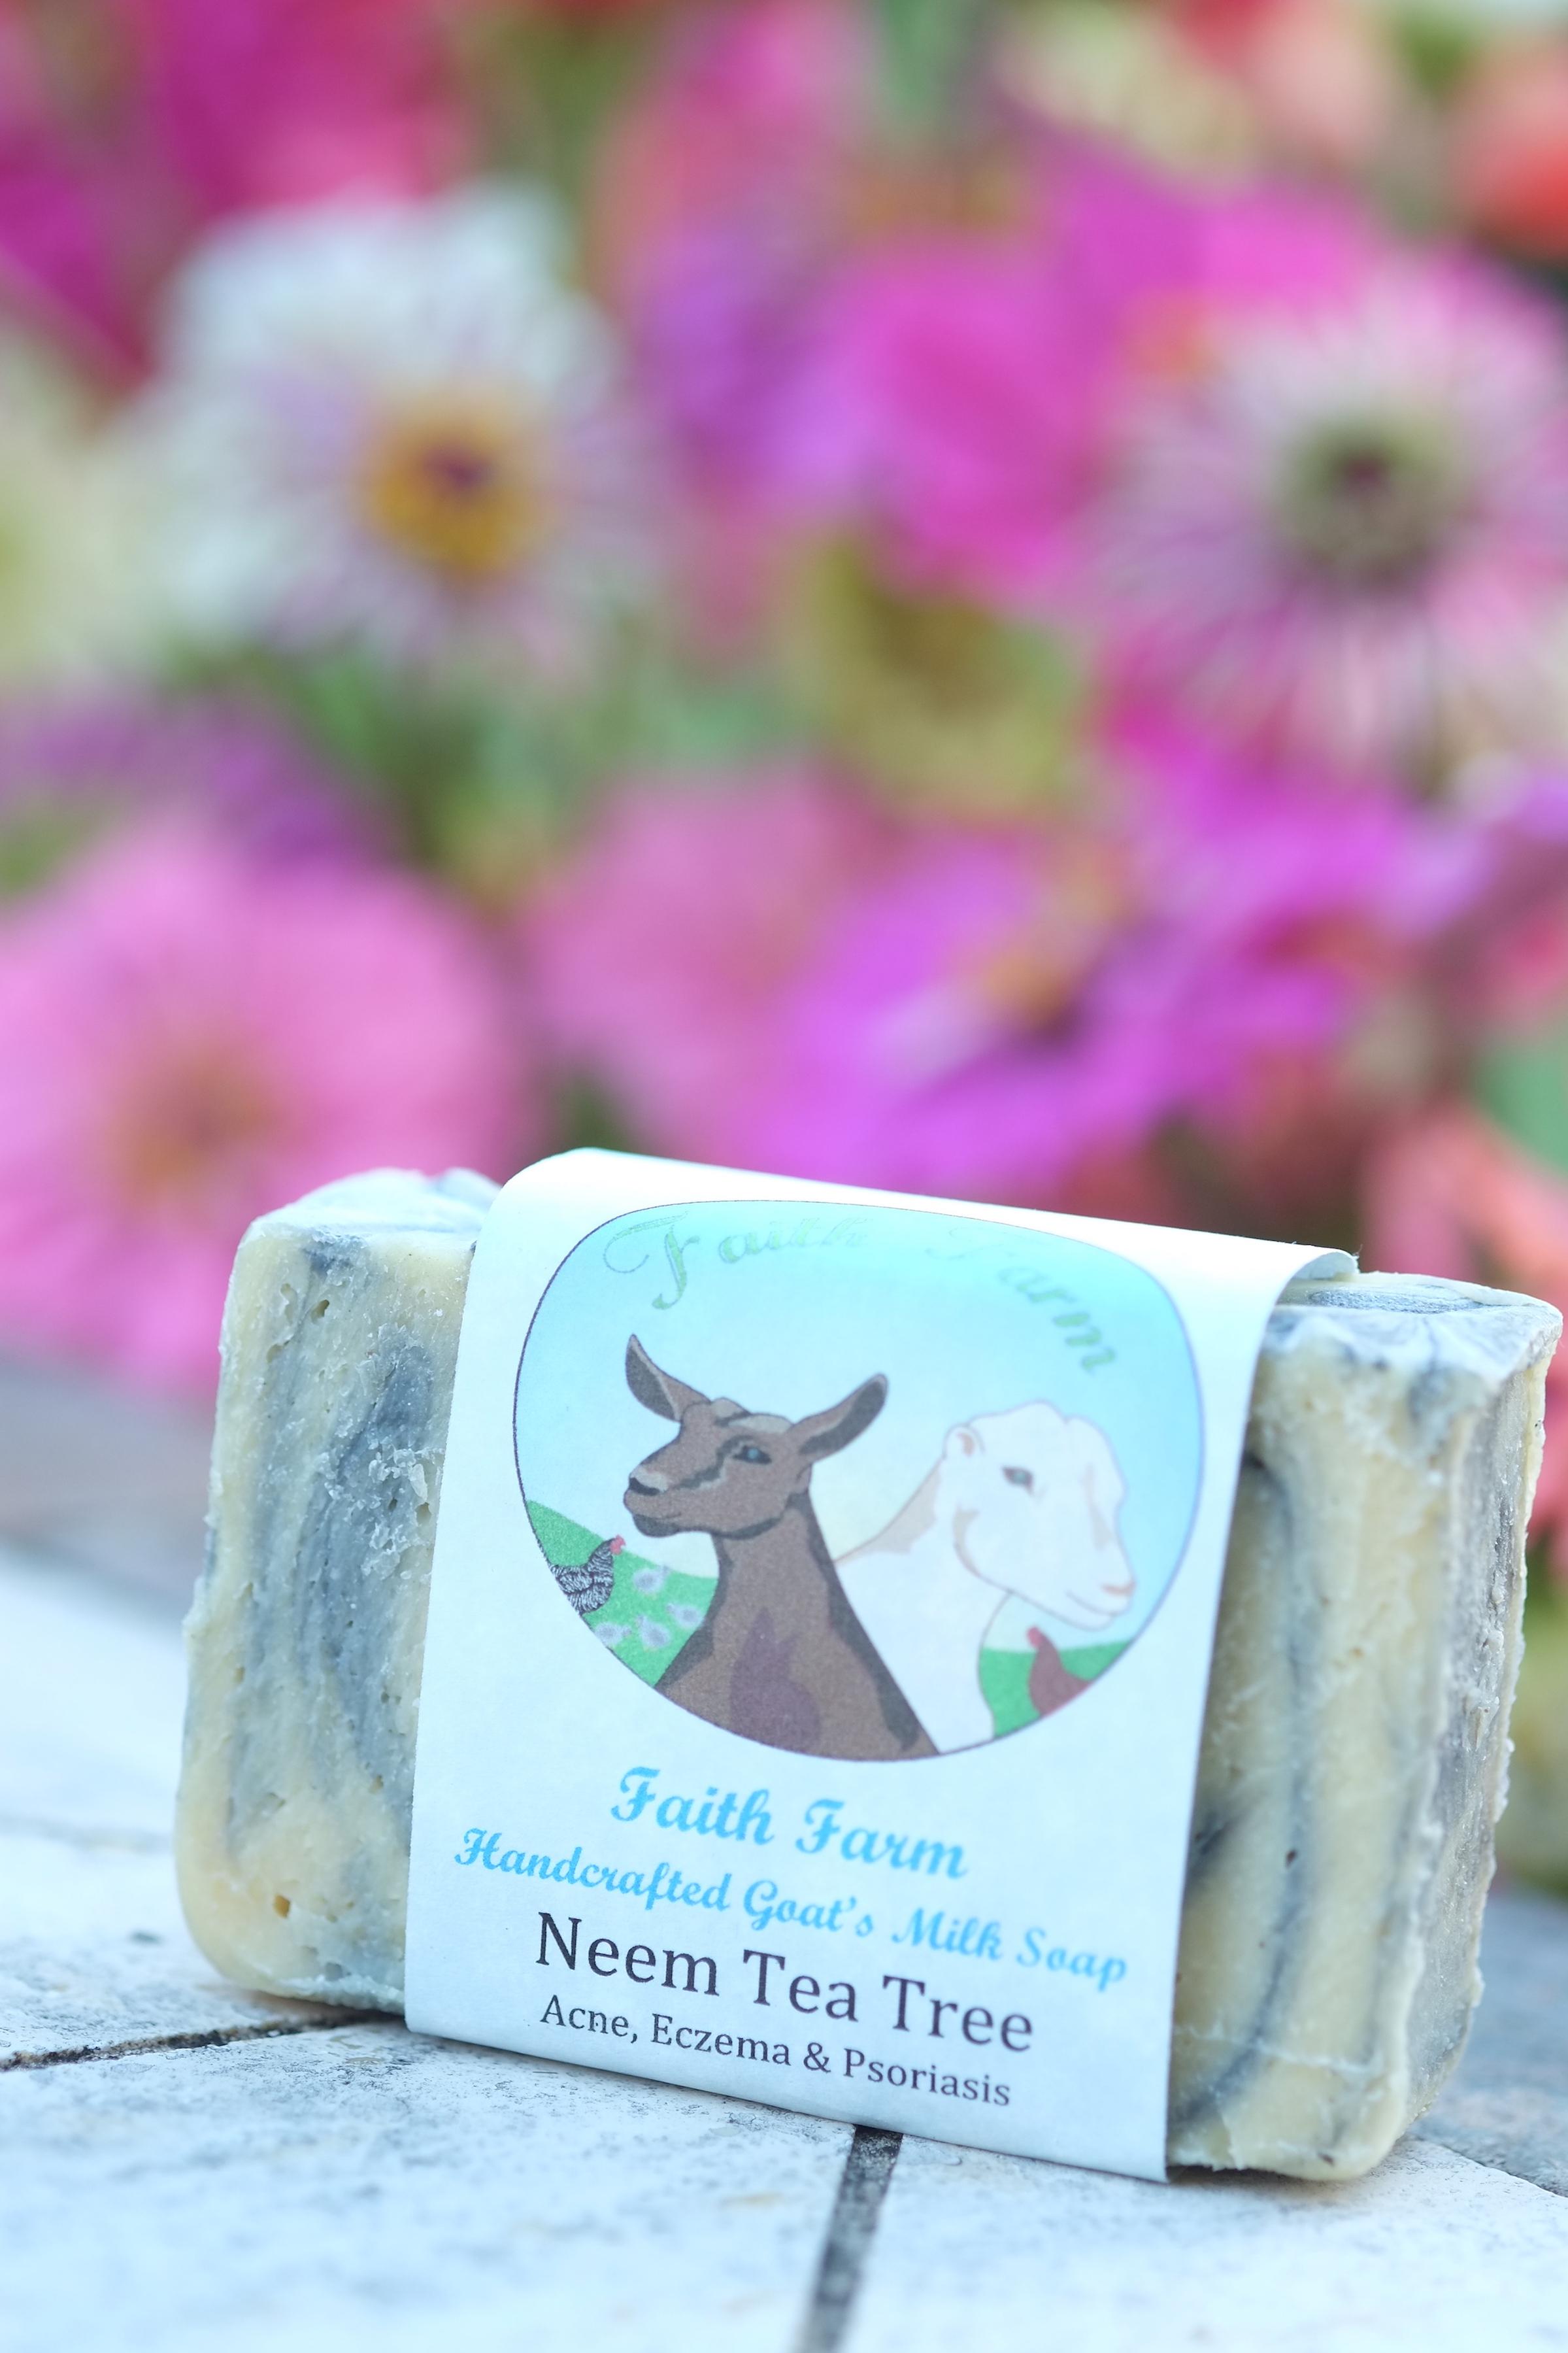 Neem Tea Tree soap bar on table made by Faith Farm